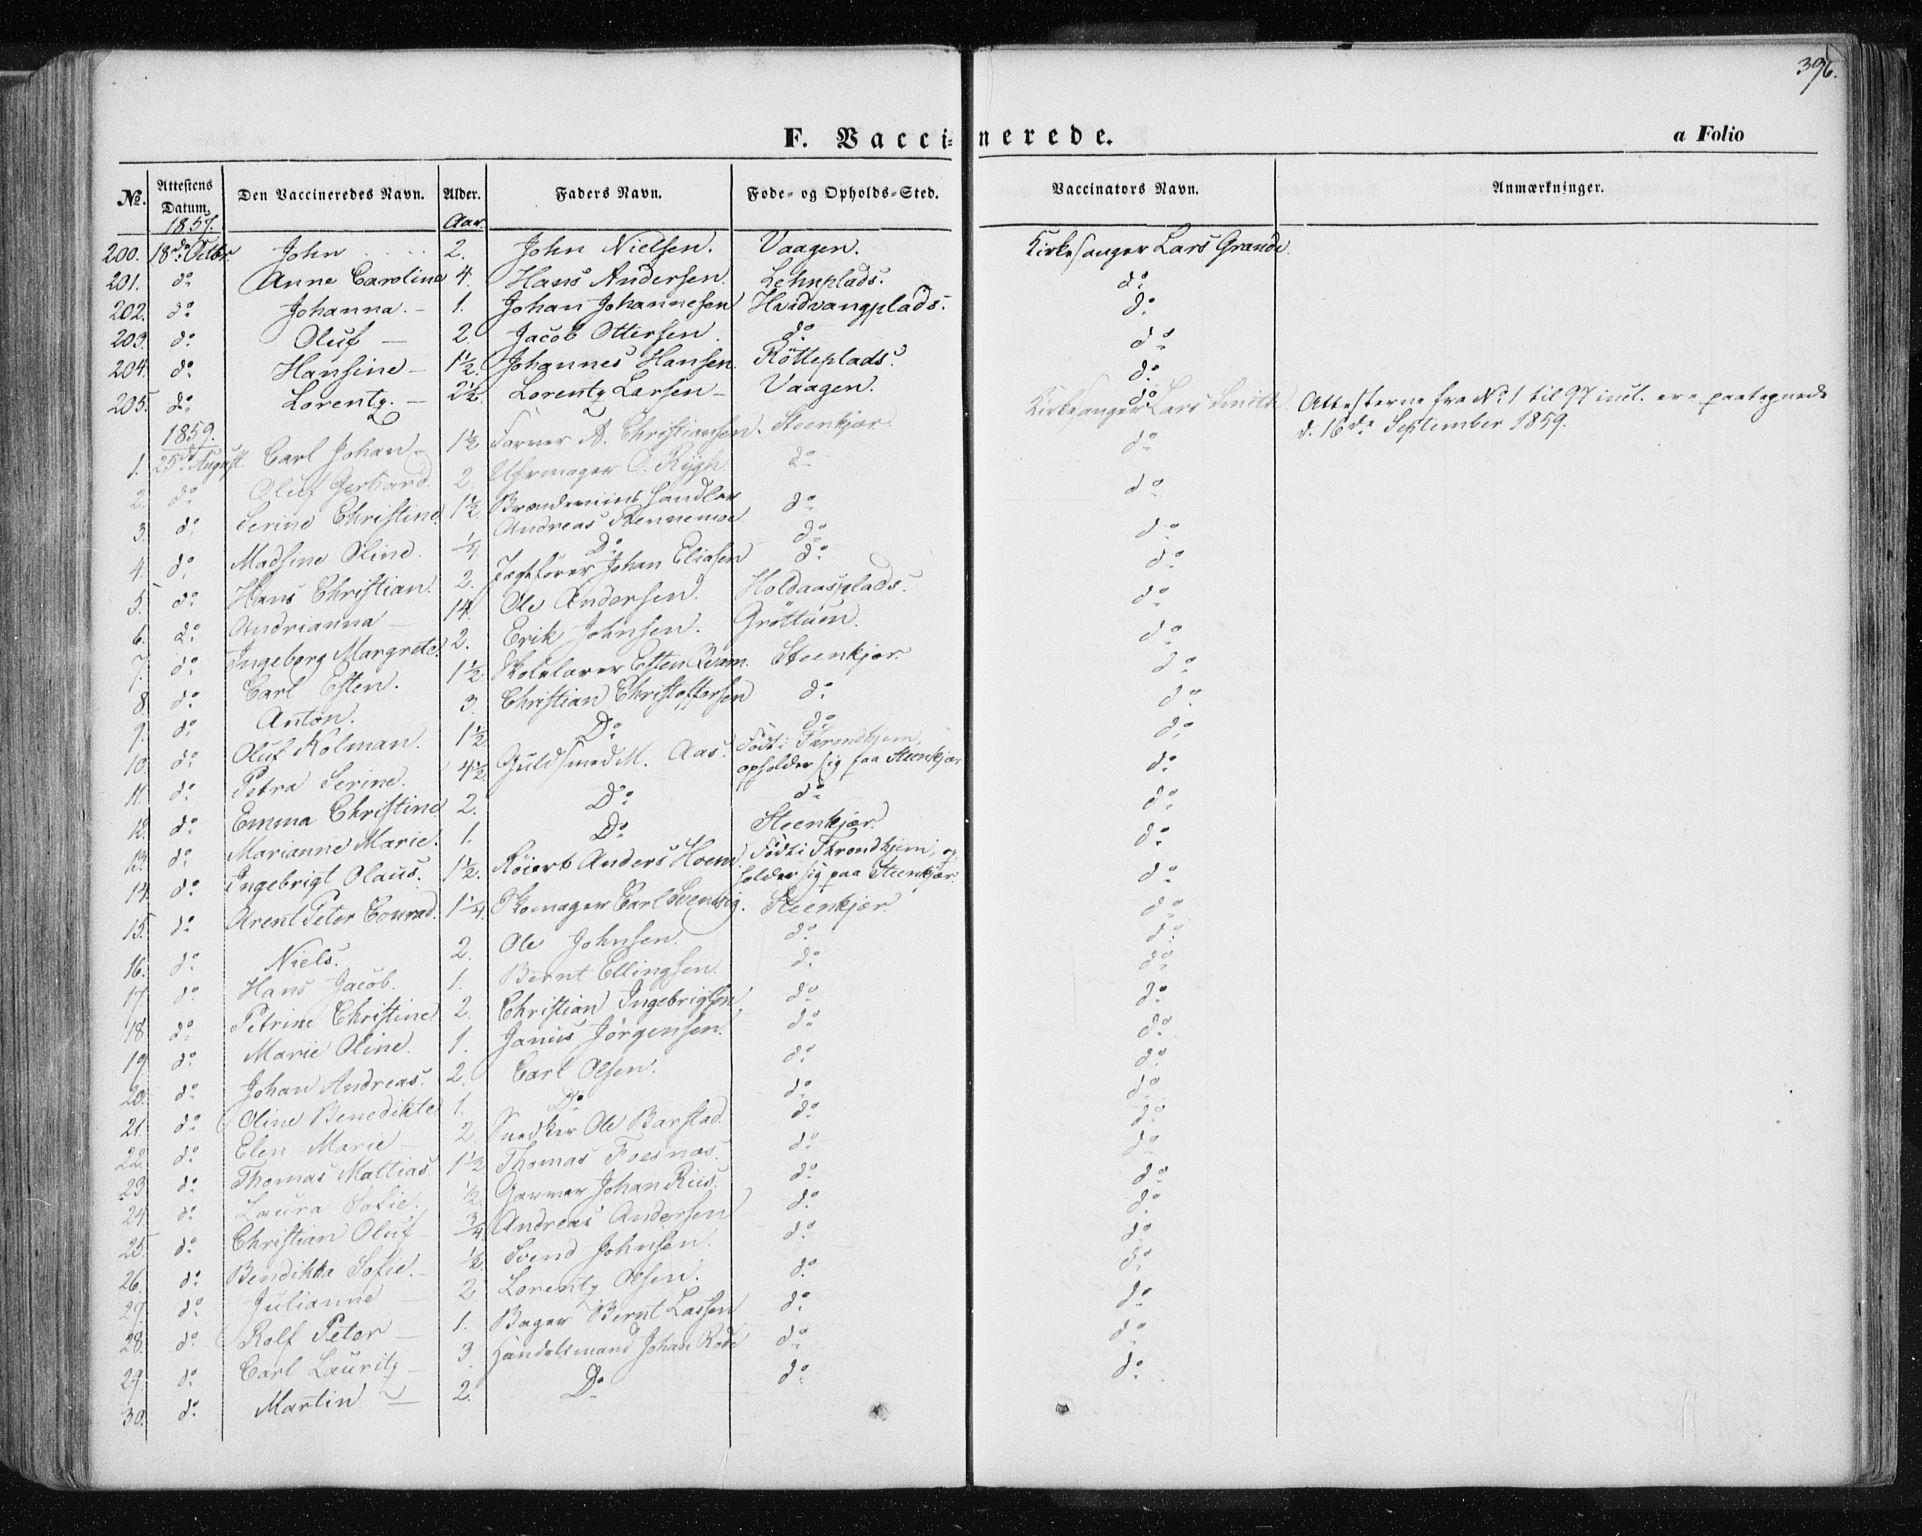 SAT, Ministerialprotokoller, klokkerbøker og fødselsregistre - Nord-Trøndelag, 735/L0342: Ministerialbok nr. 735A07 /1, 1849-1862, s. 396